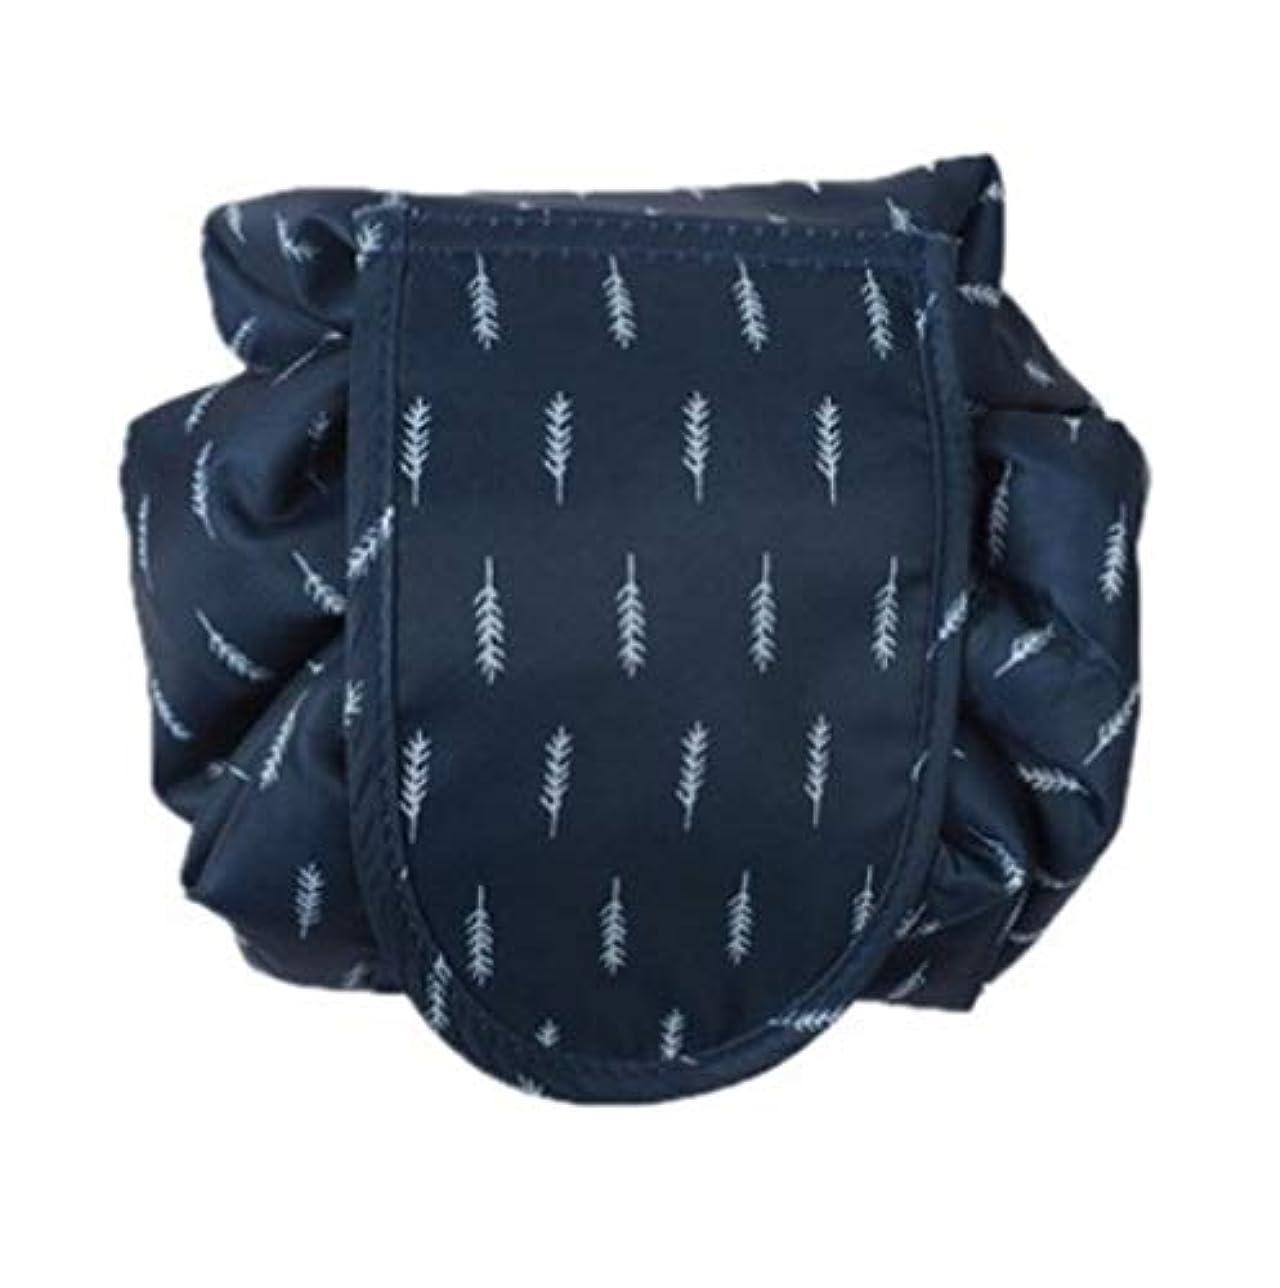 ずらす合併症凝縮するメイクポーチ 怠け者化粧品ポーチ ドローストリング化粧品ポーチ 収納バッグ シンプル携帯便利化粧品バッグ 化粧品収納バッグ (ネイビー)